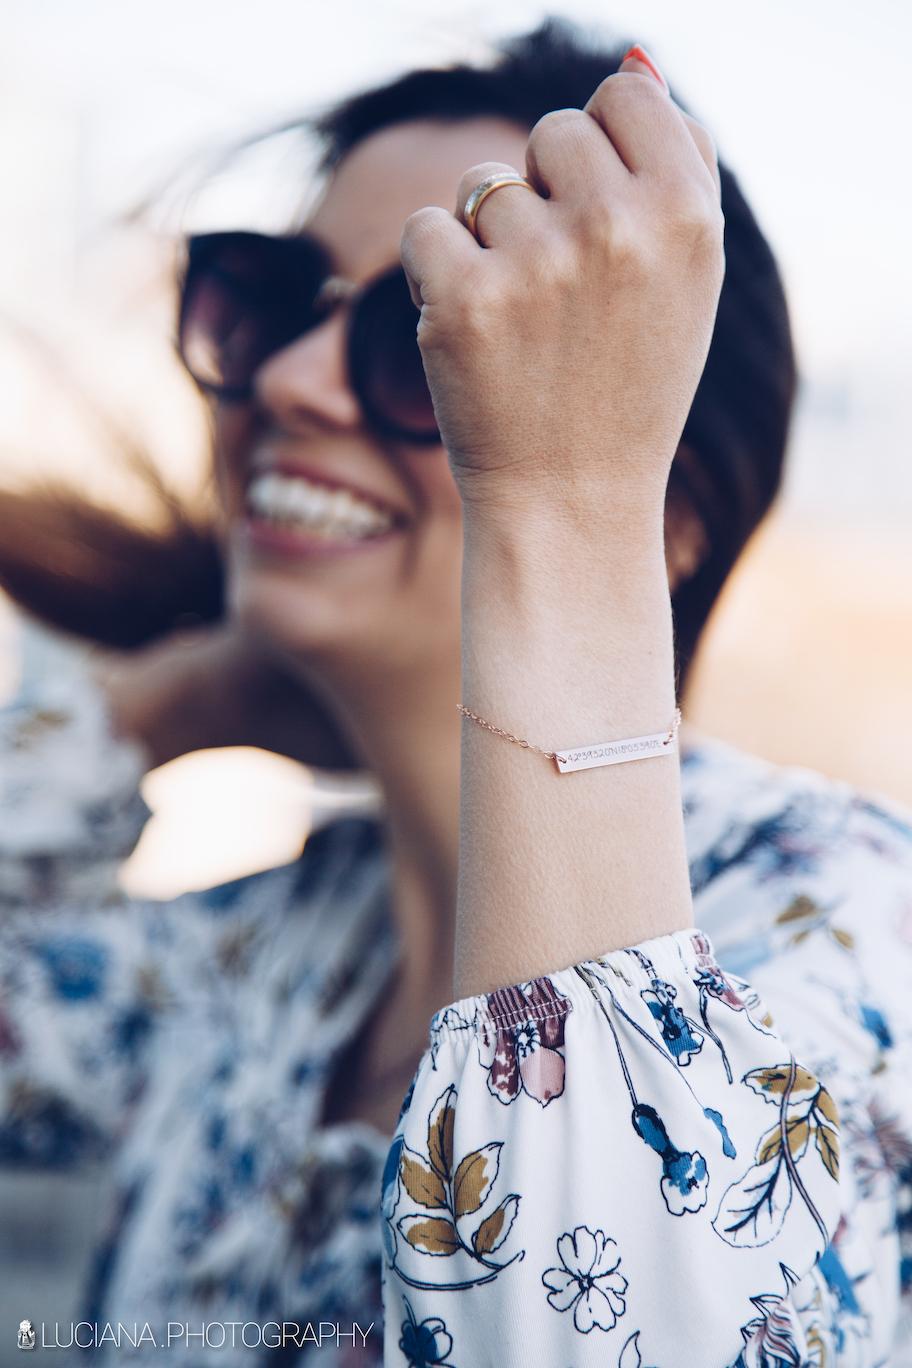 Uma pulseira para lembrar onde ficamos noivos